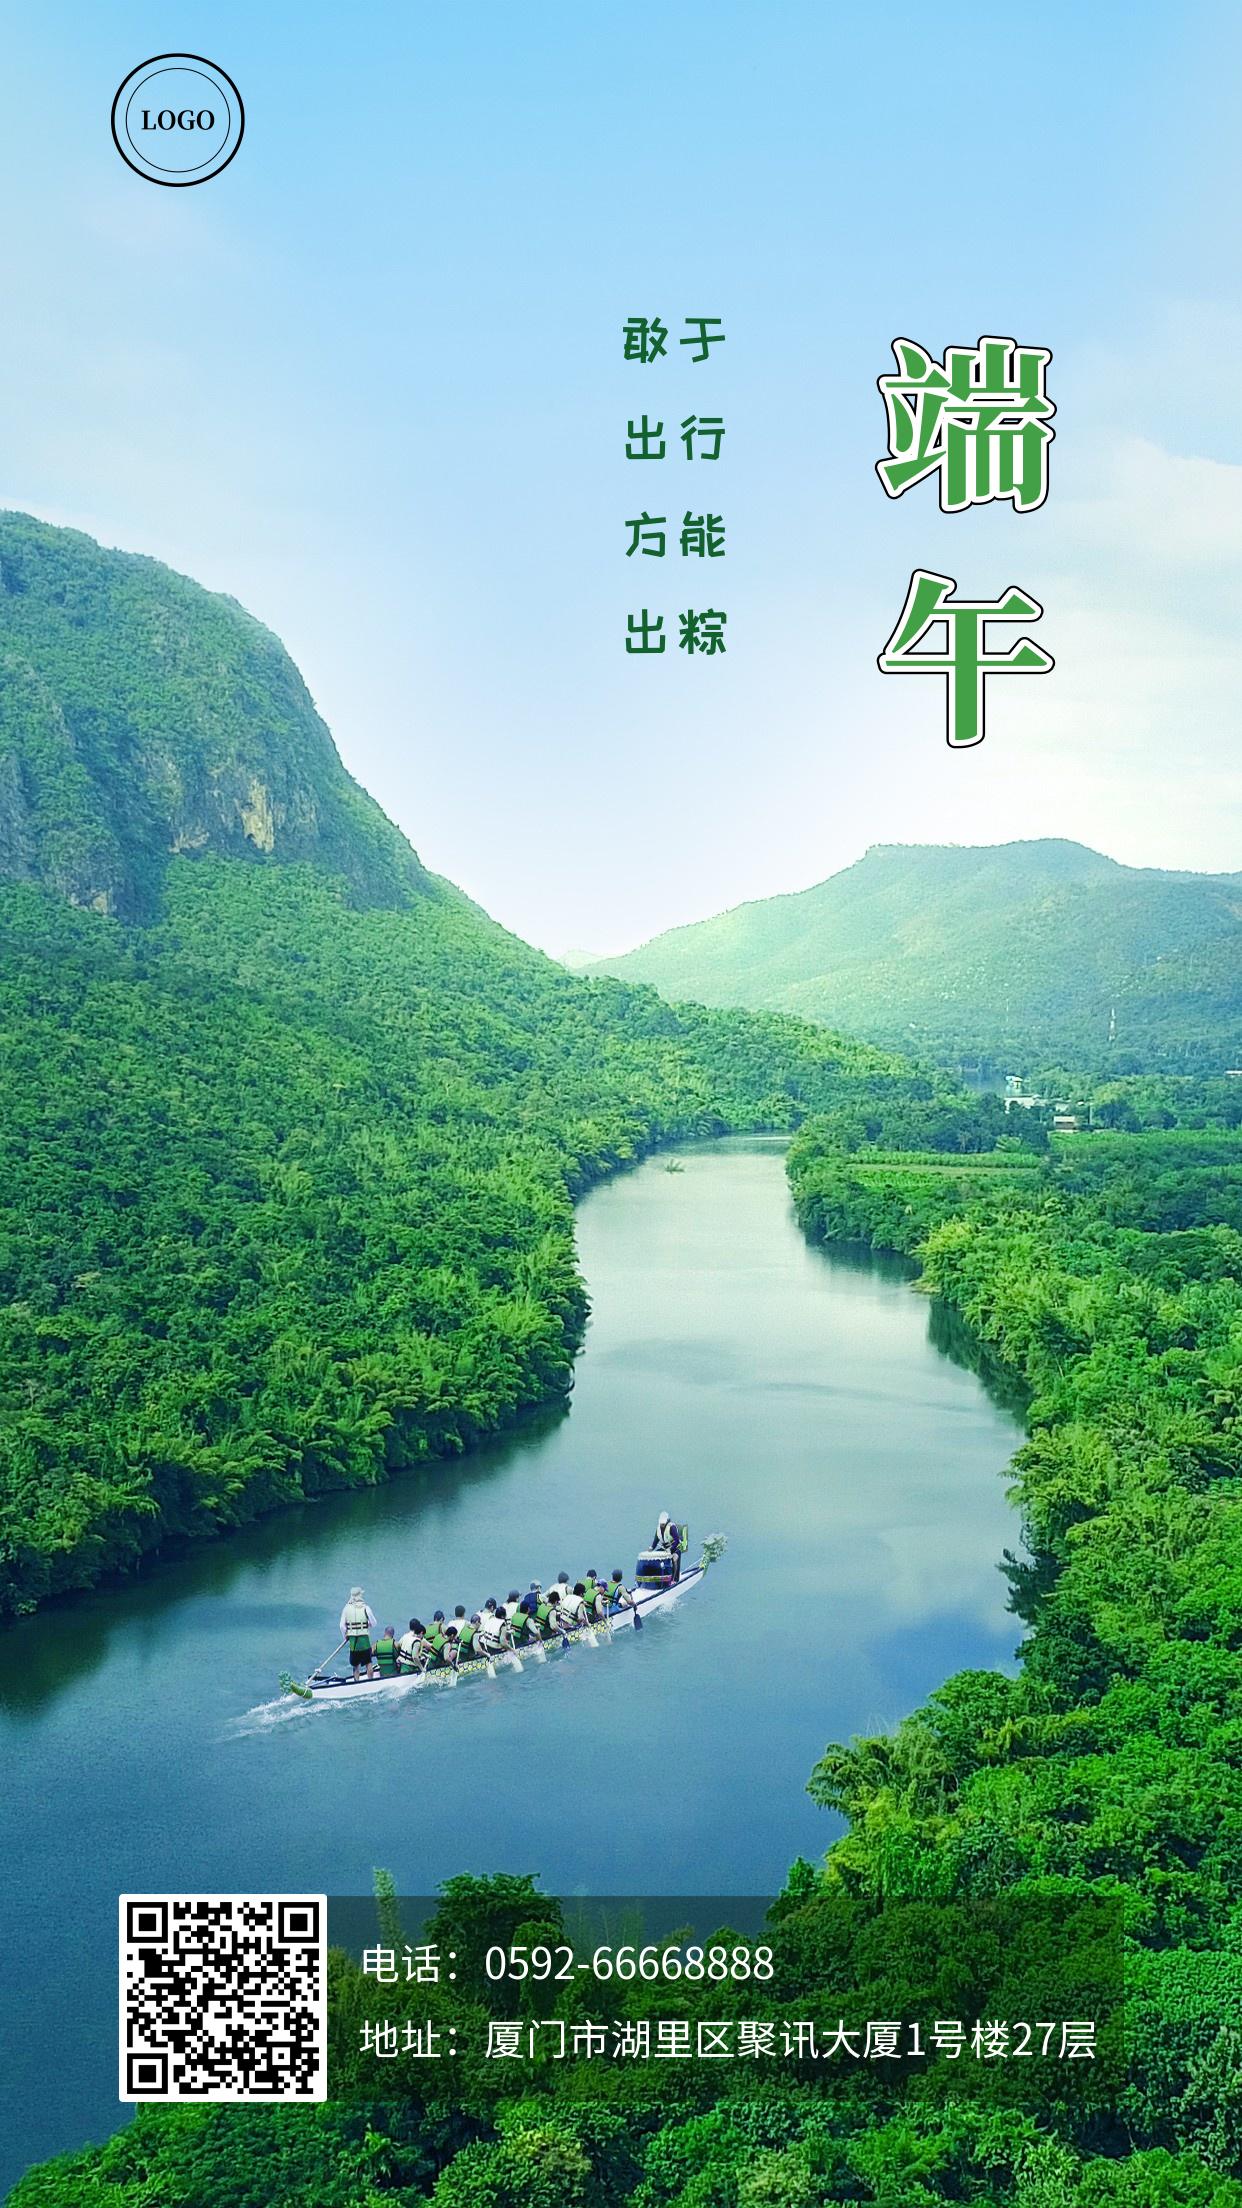 端午节节日祝福问候旅游海报